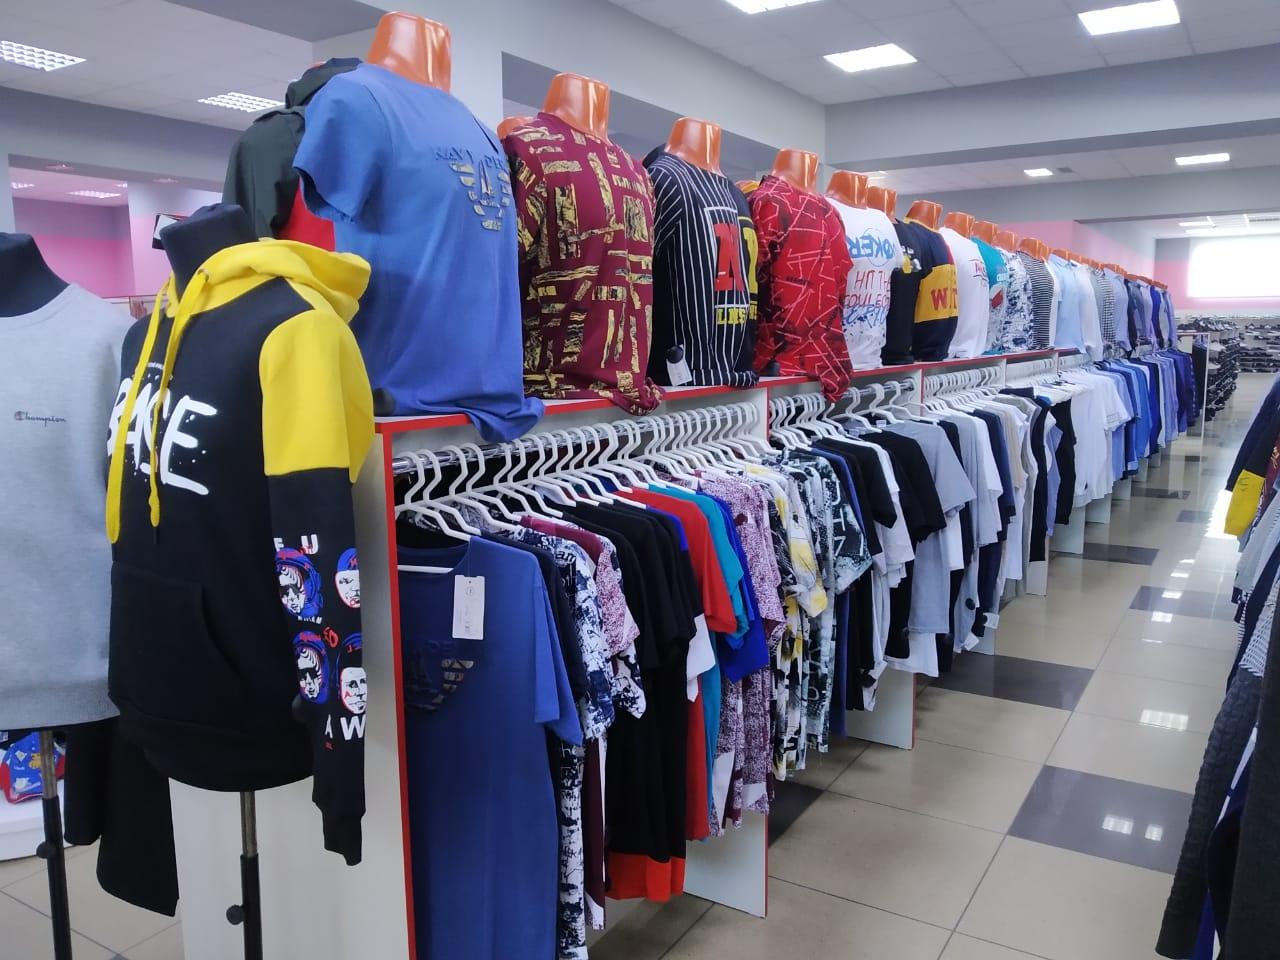 Борисоглебск Магазины Одежды И Обуви